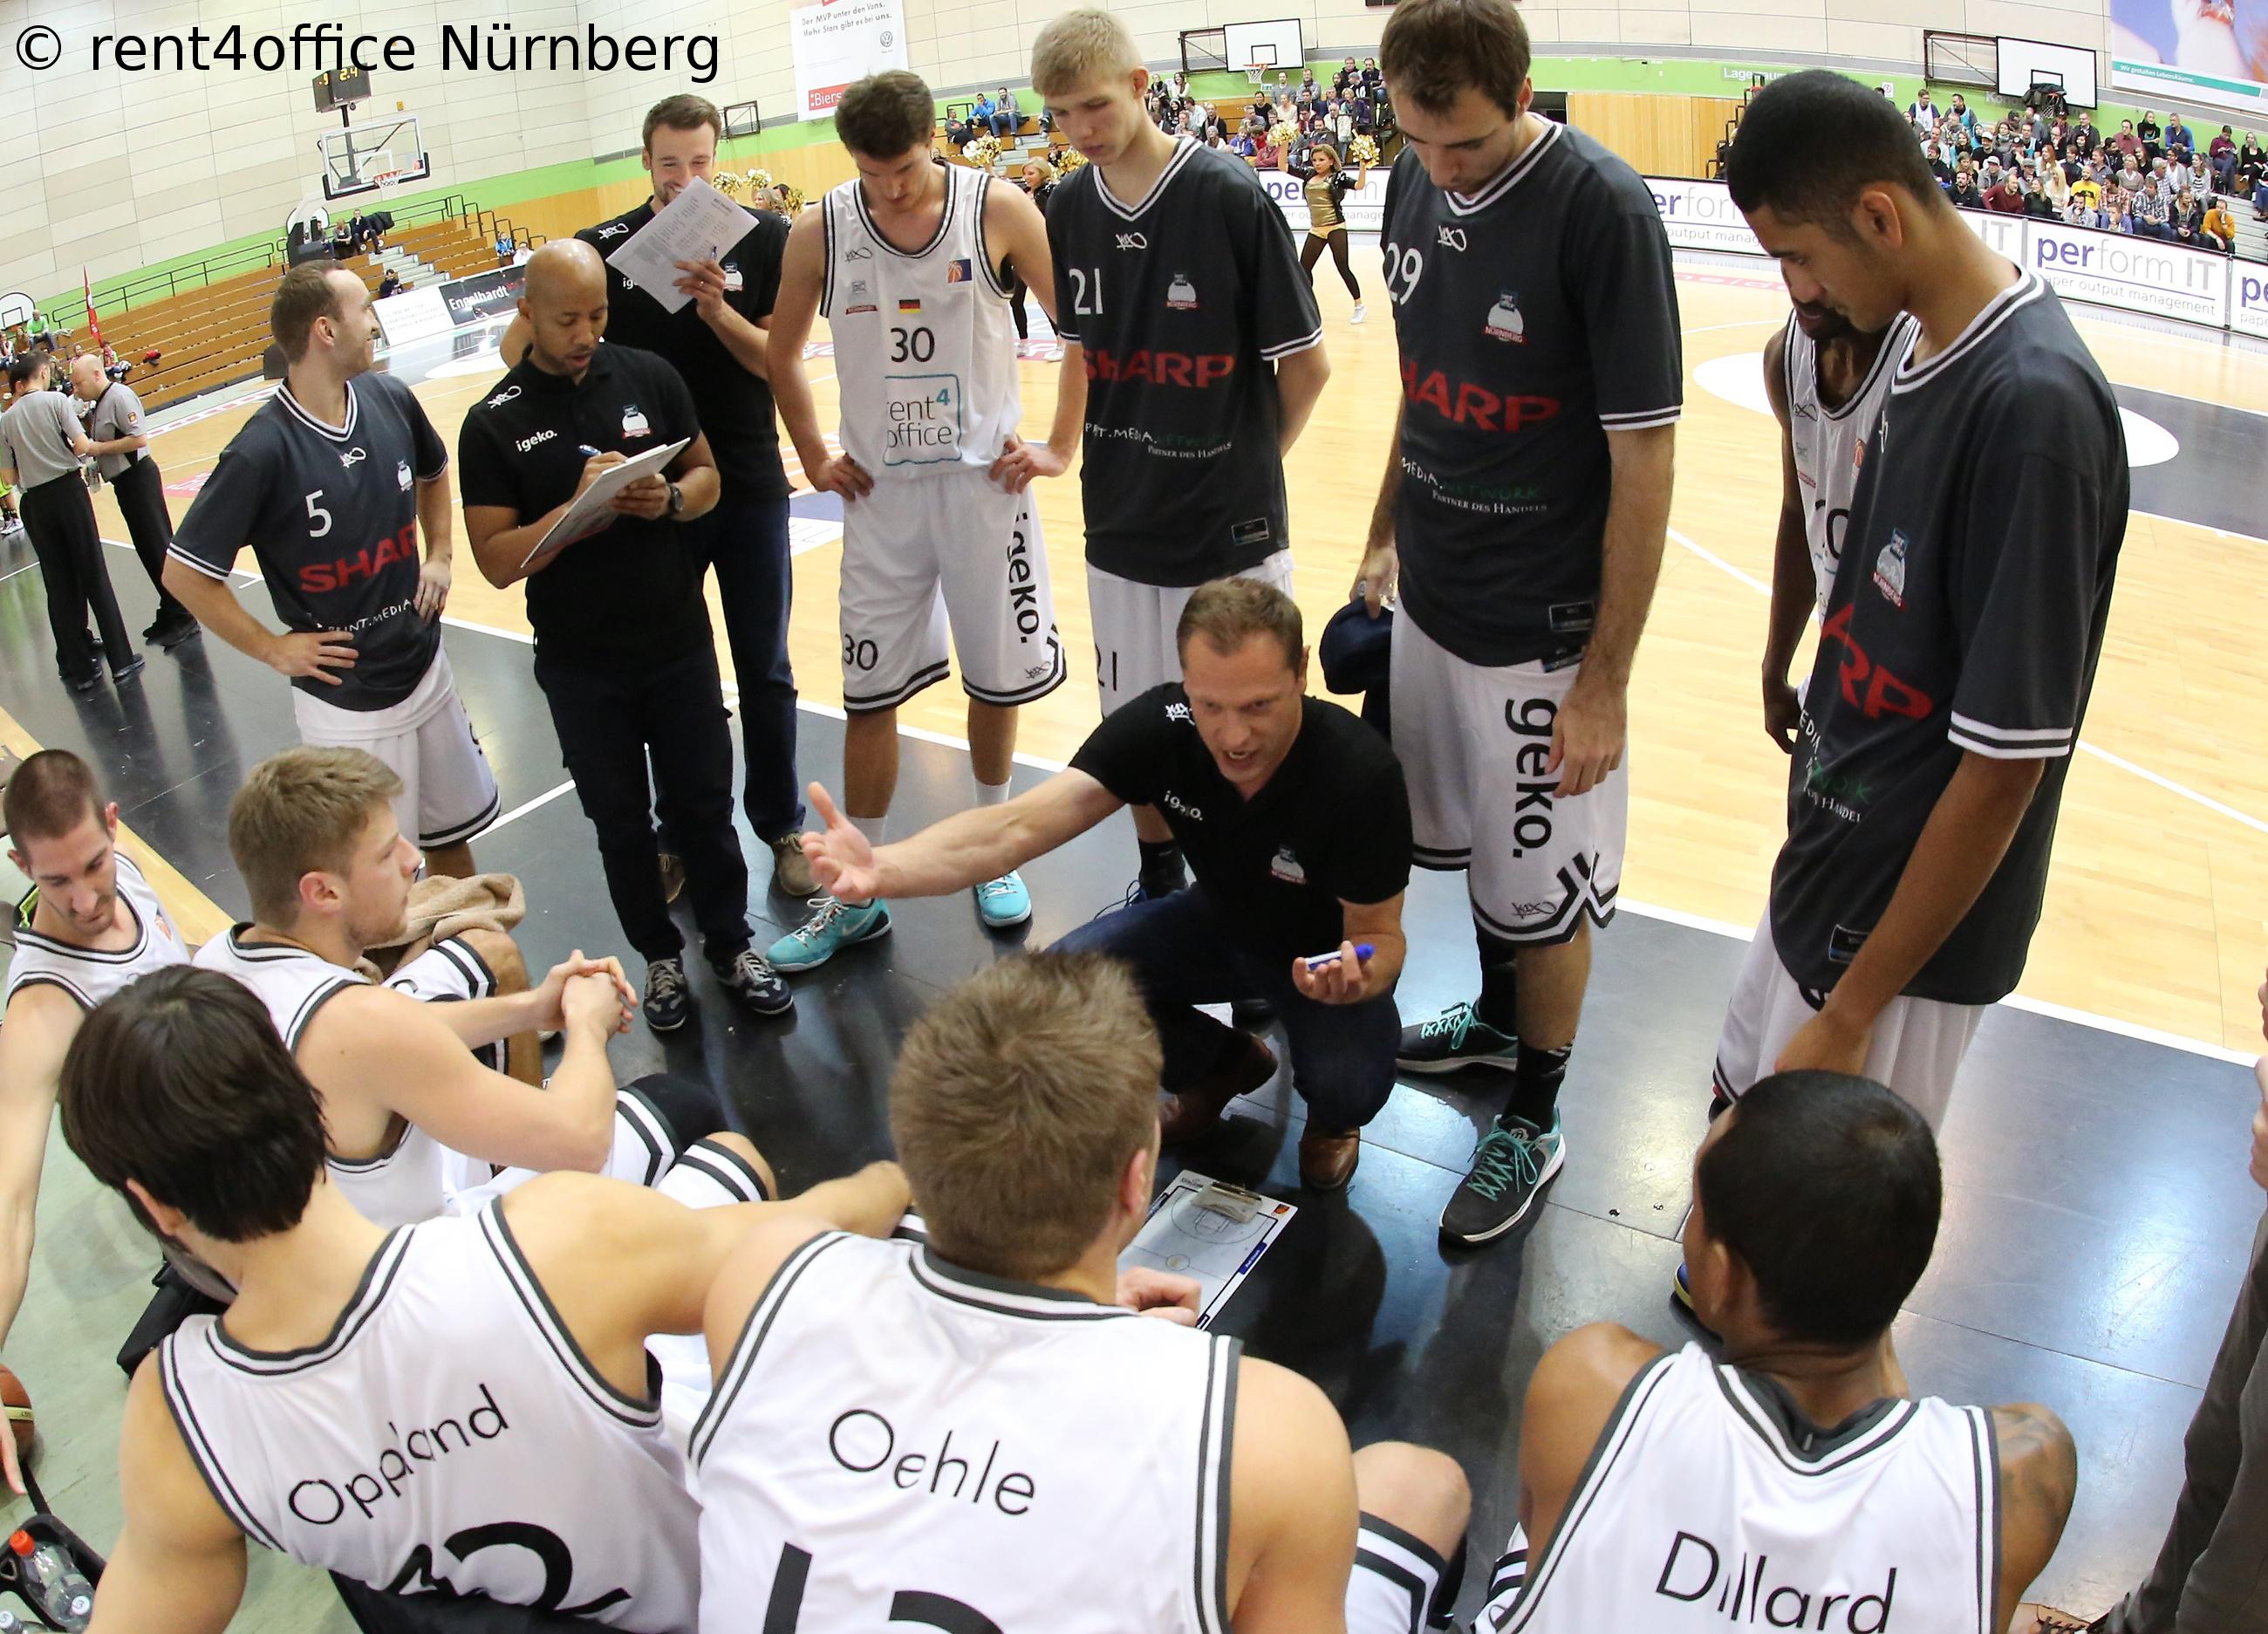 rent4office Nürnberg mit knapper Niederlage gegen Team USA